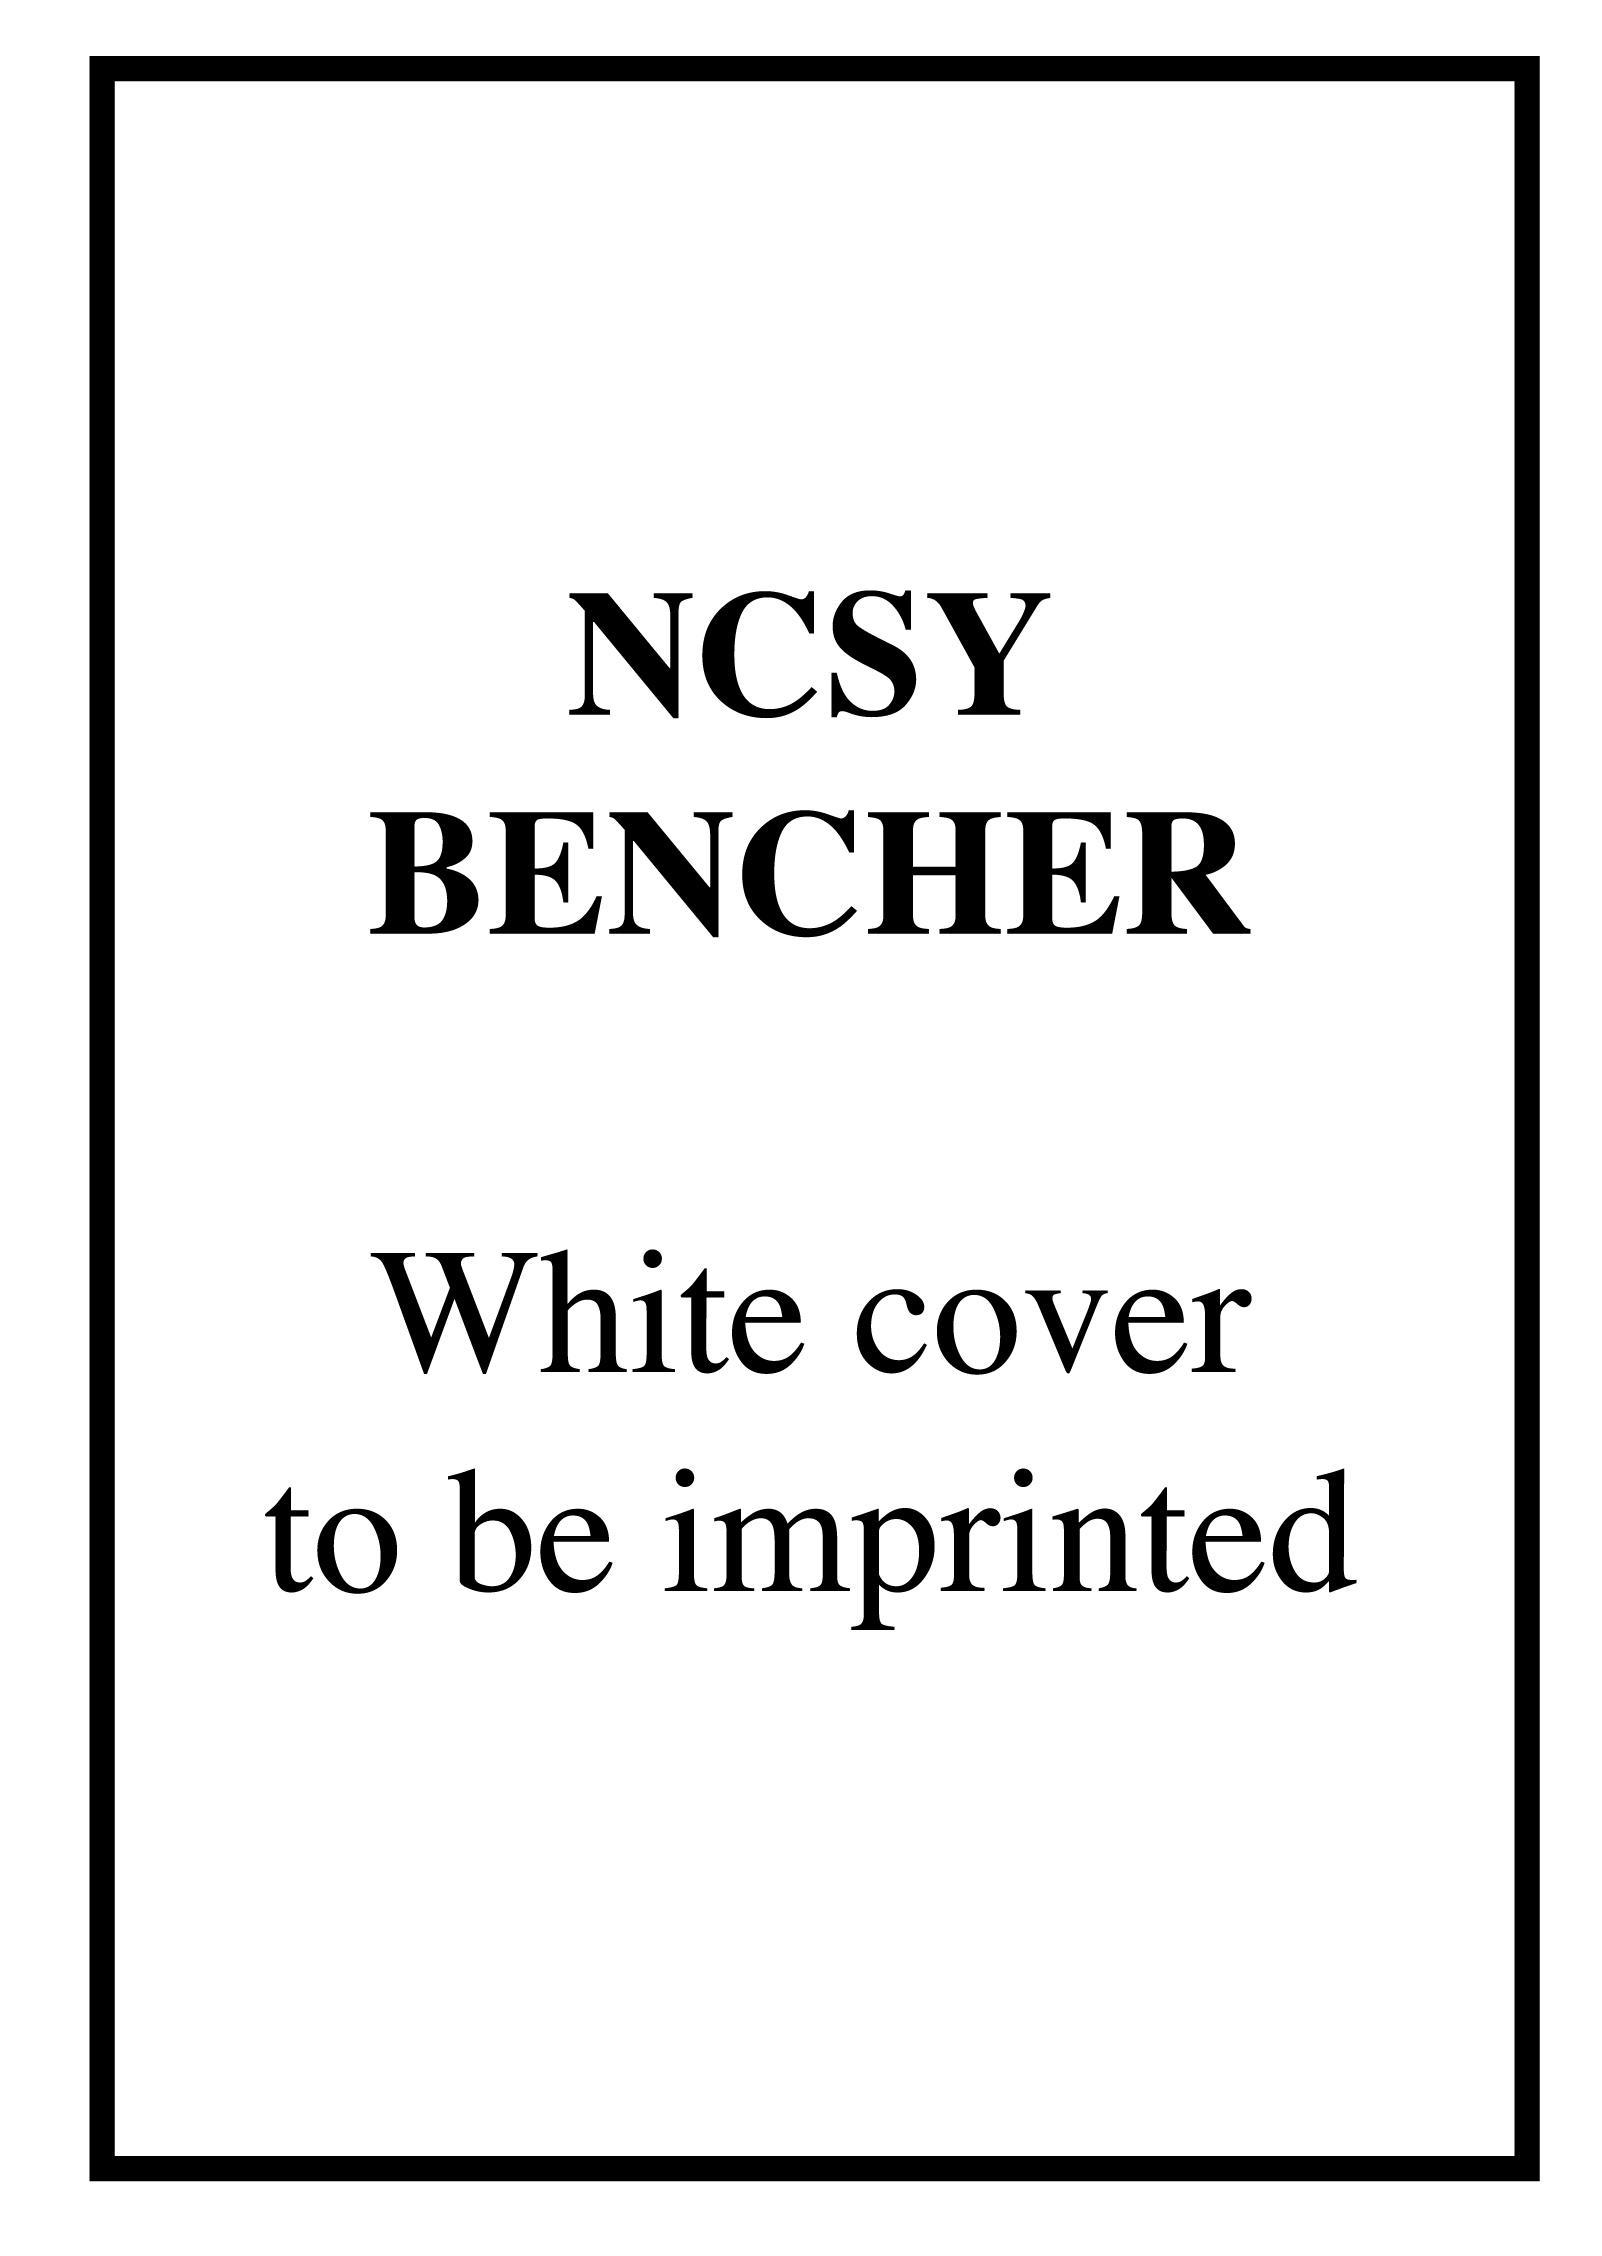 NCSY Benchar